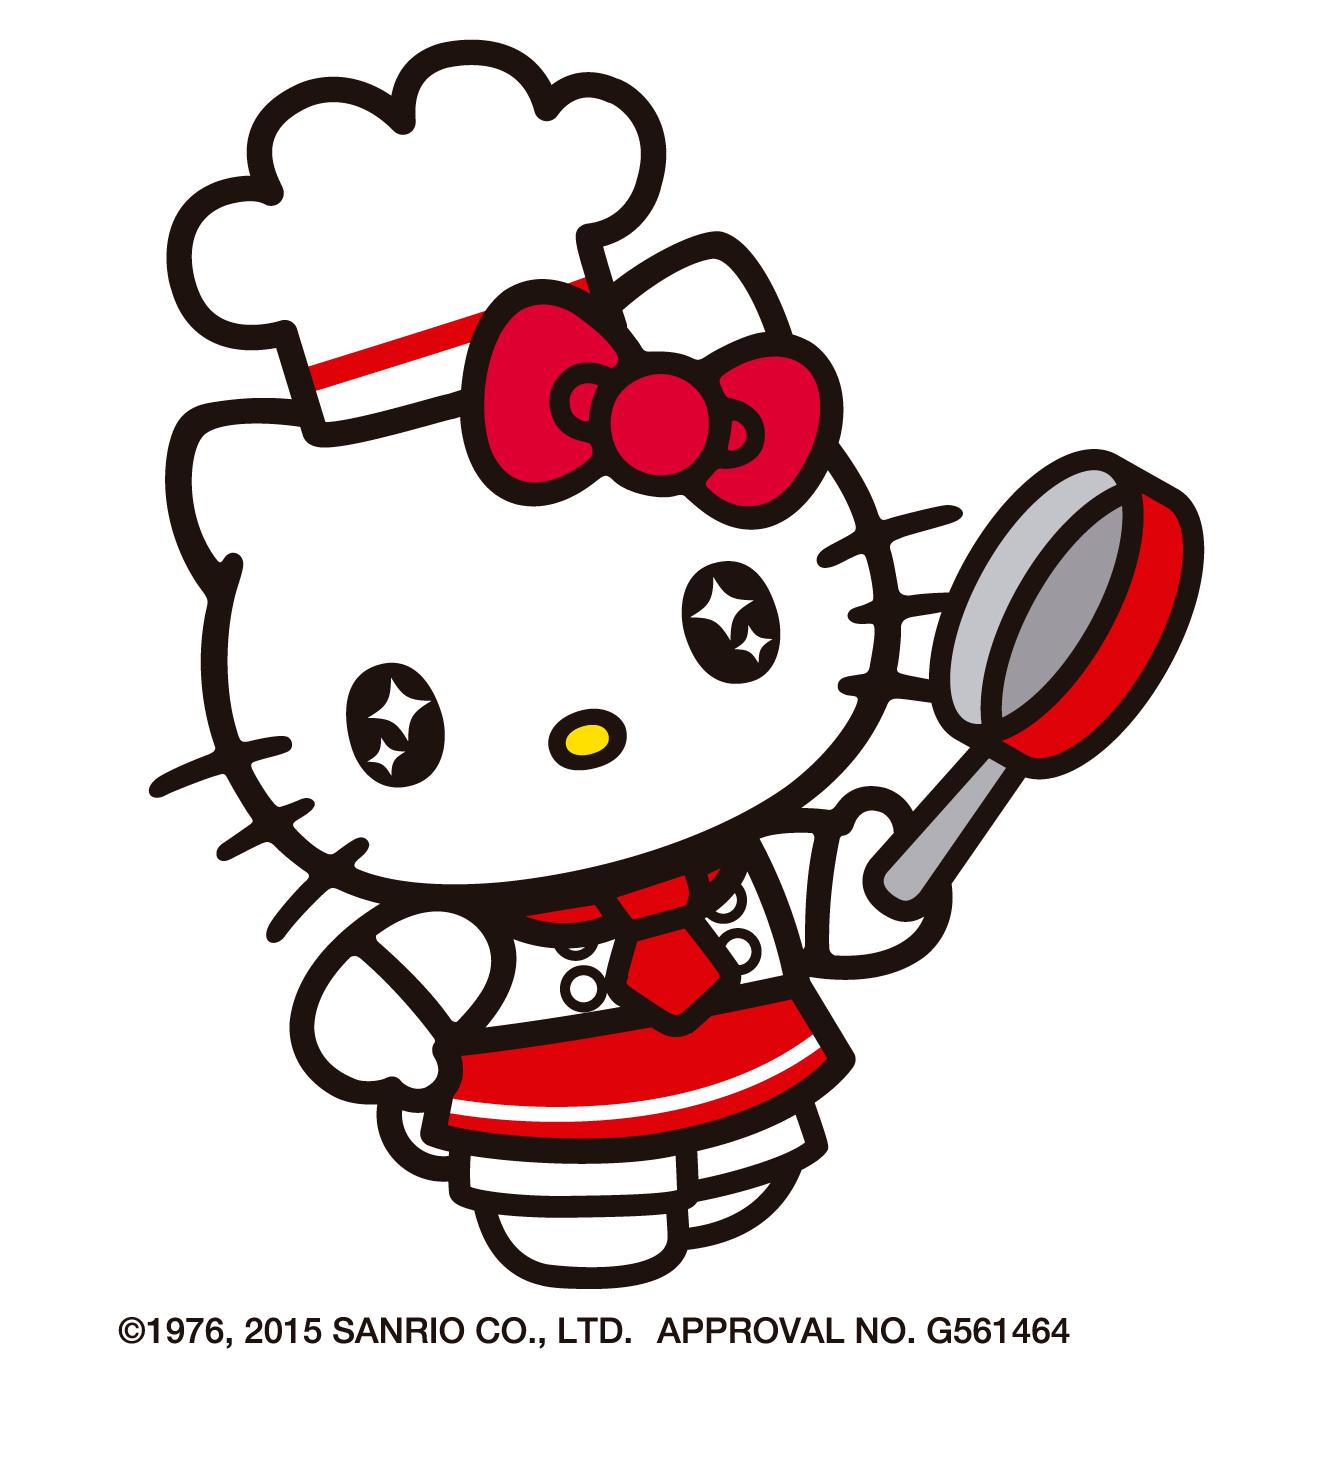 キティさんの目が目がぁ~~~!!星が2個飛ぶ昭和少女マンガ風に